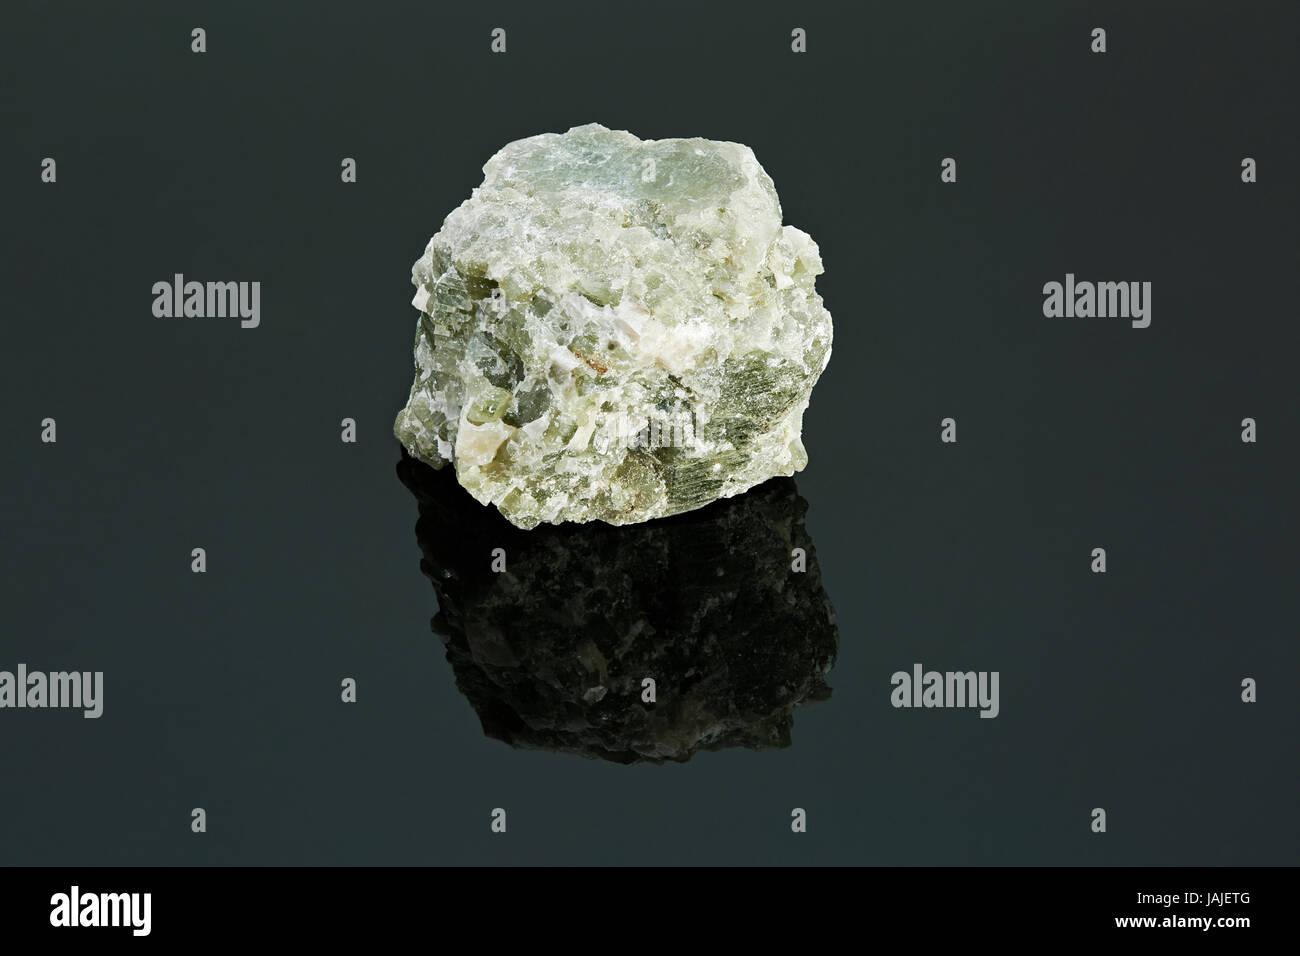 Diopside mineral specimen - Stock Image